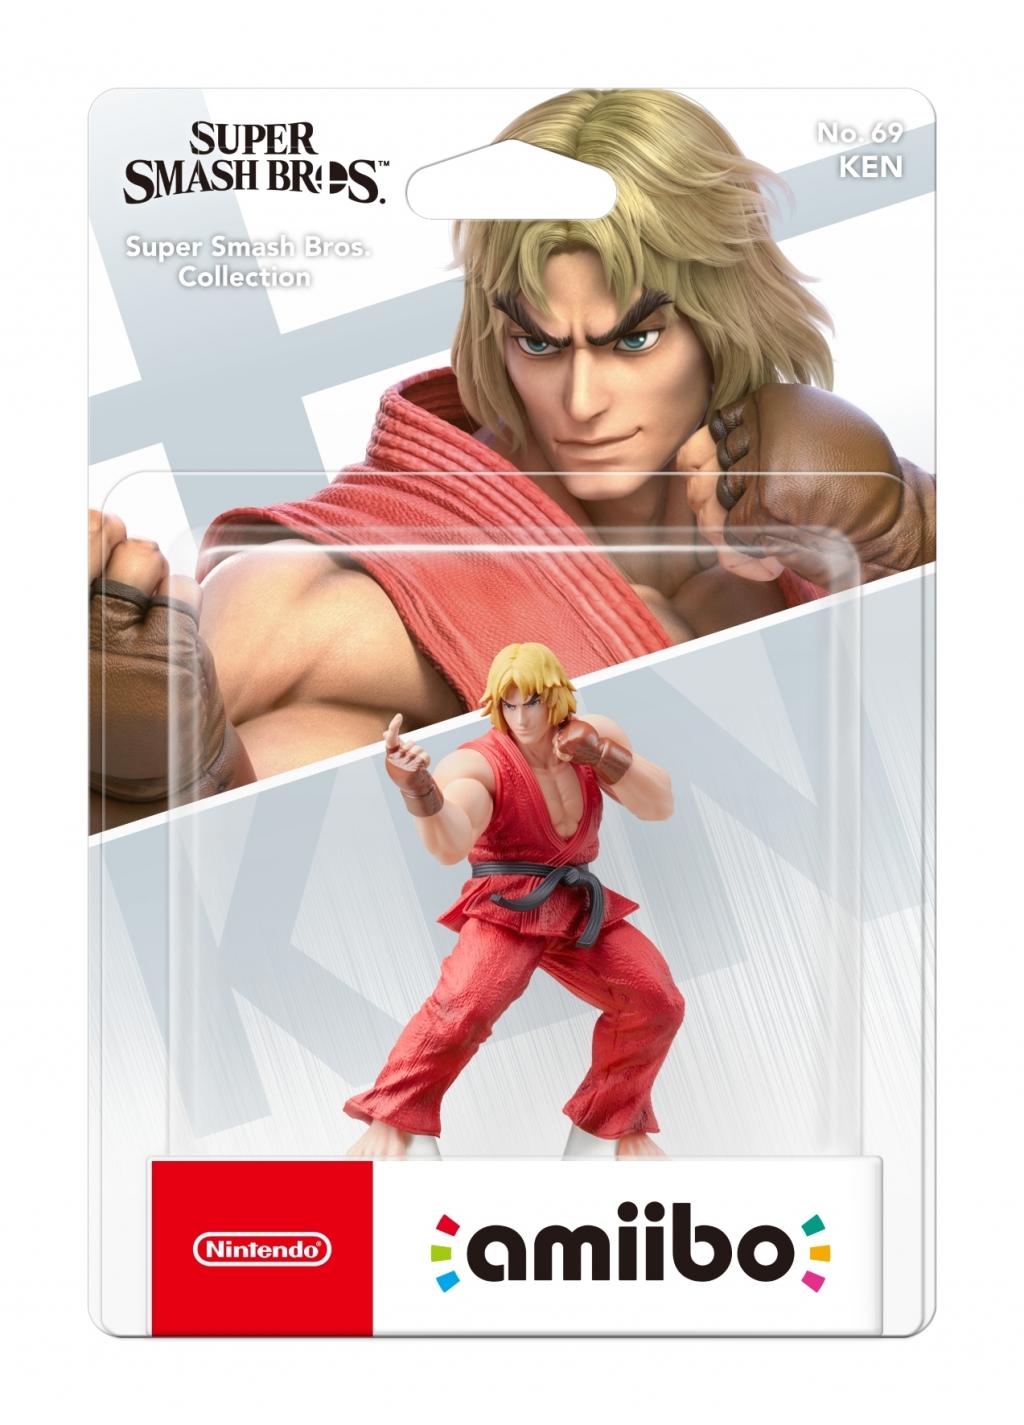 ФигуркаAmiiboКен(коллекцияSuperSmashBros.)для Nintendo